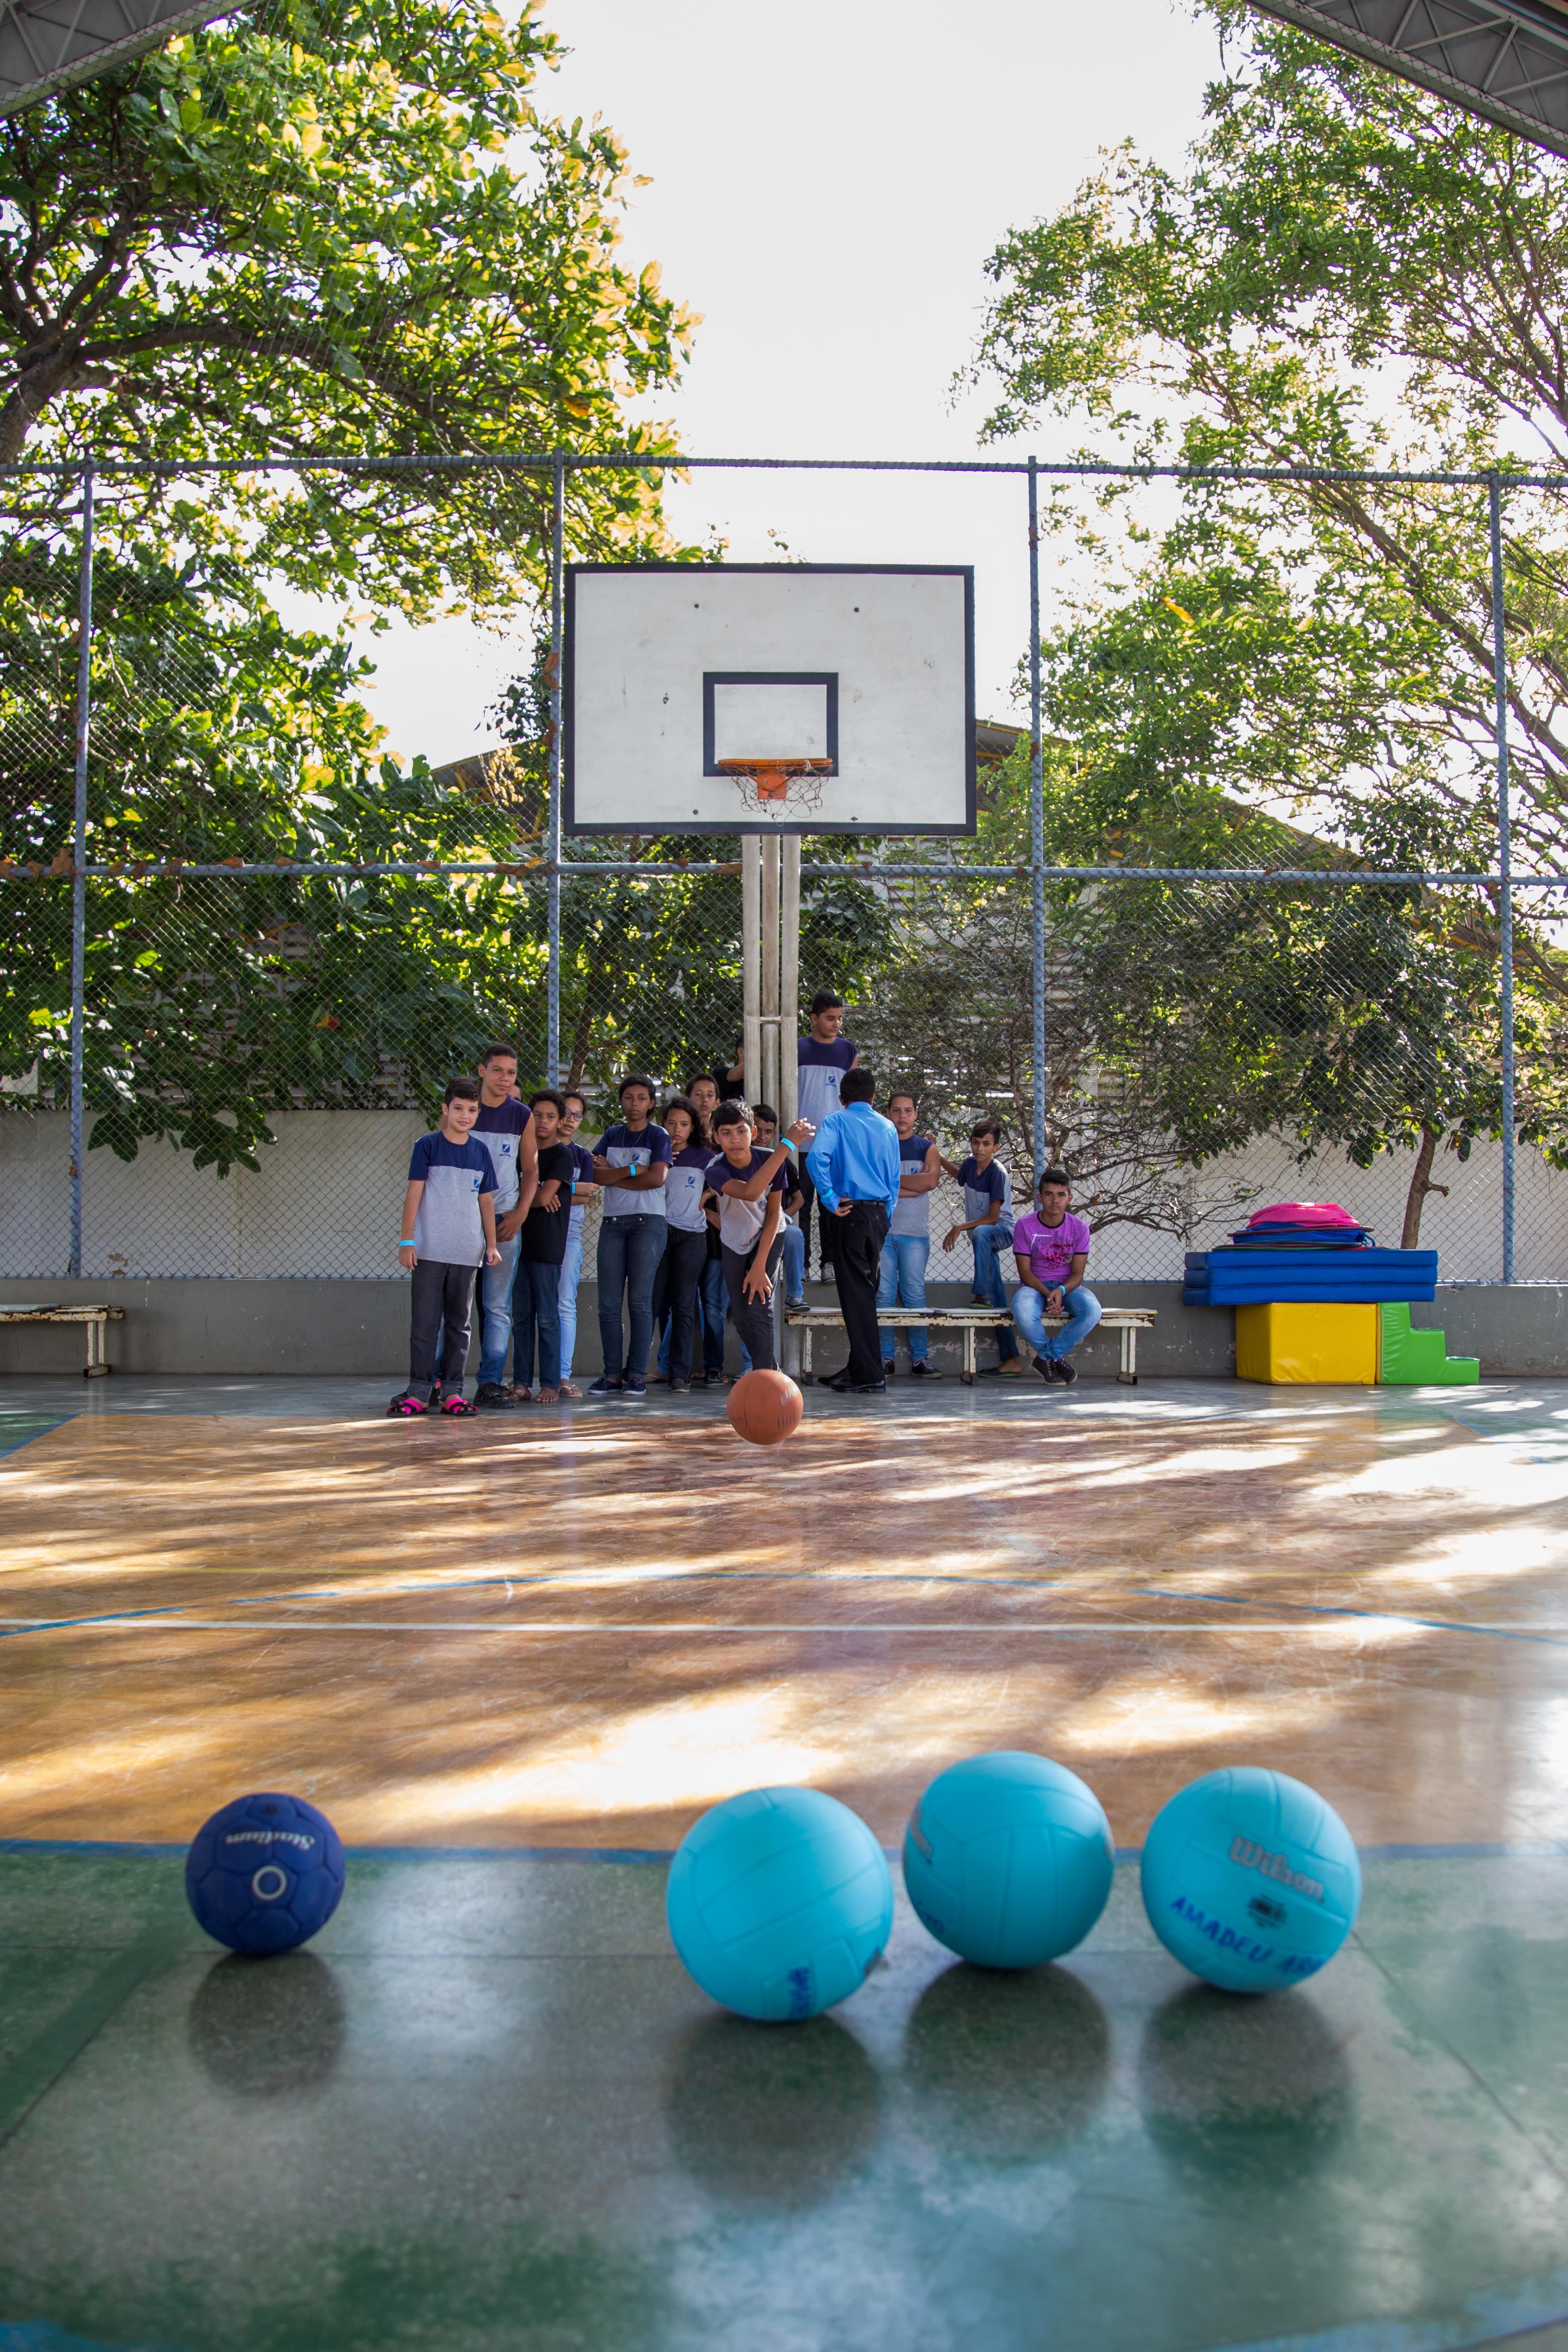 Grupo de estudantes joga bilocha em uma quadra de esportes.